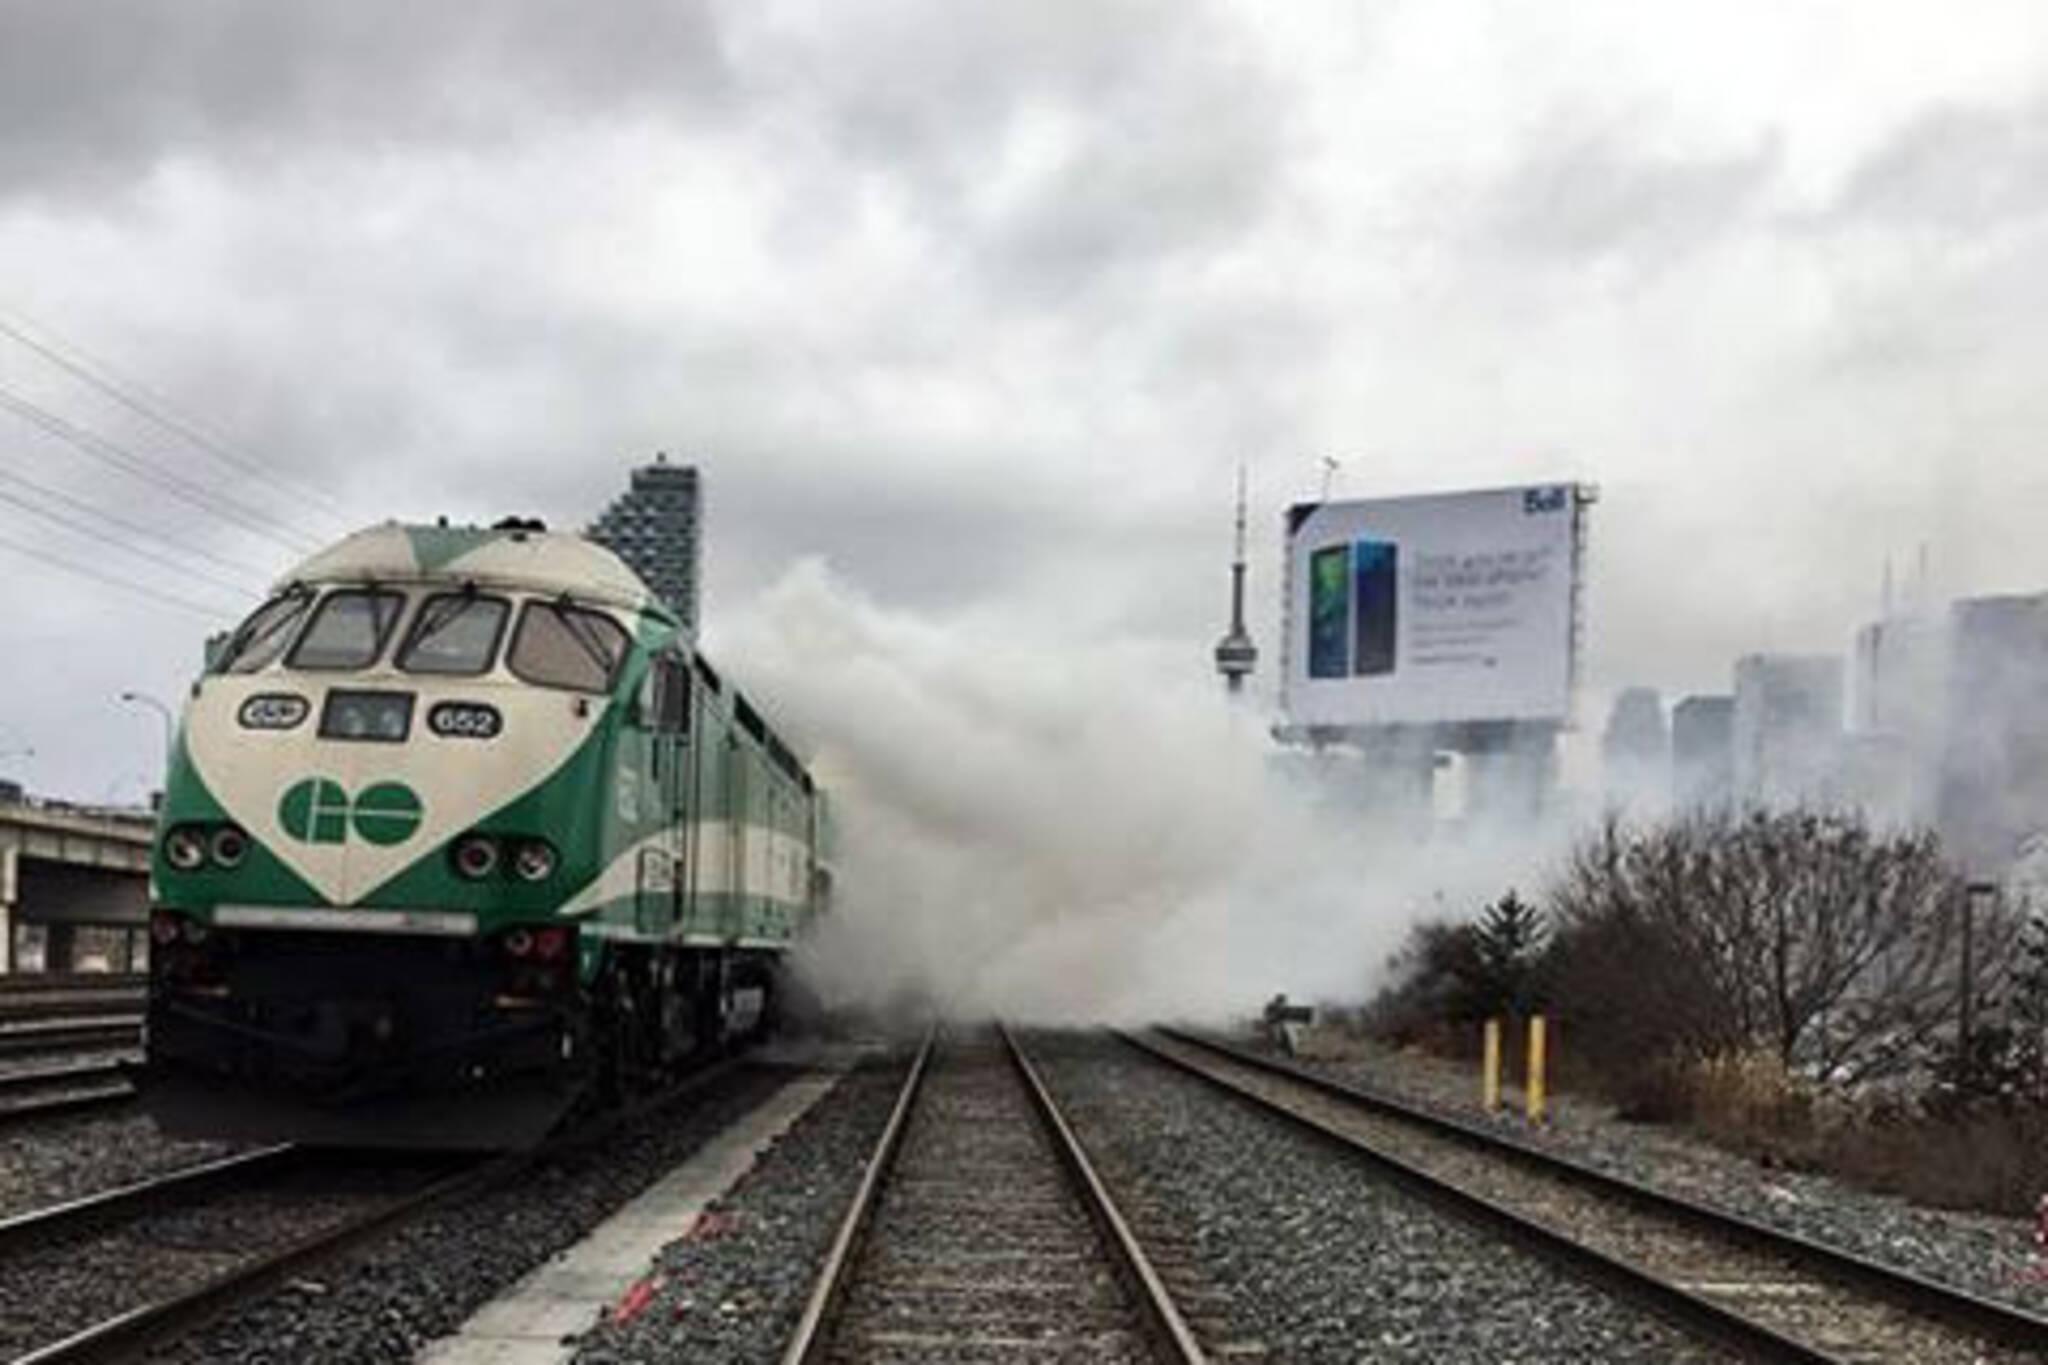 Go train fire